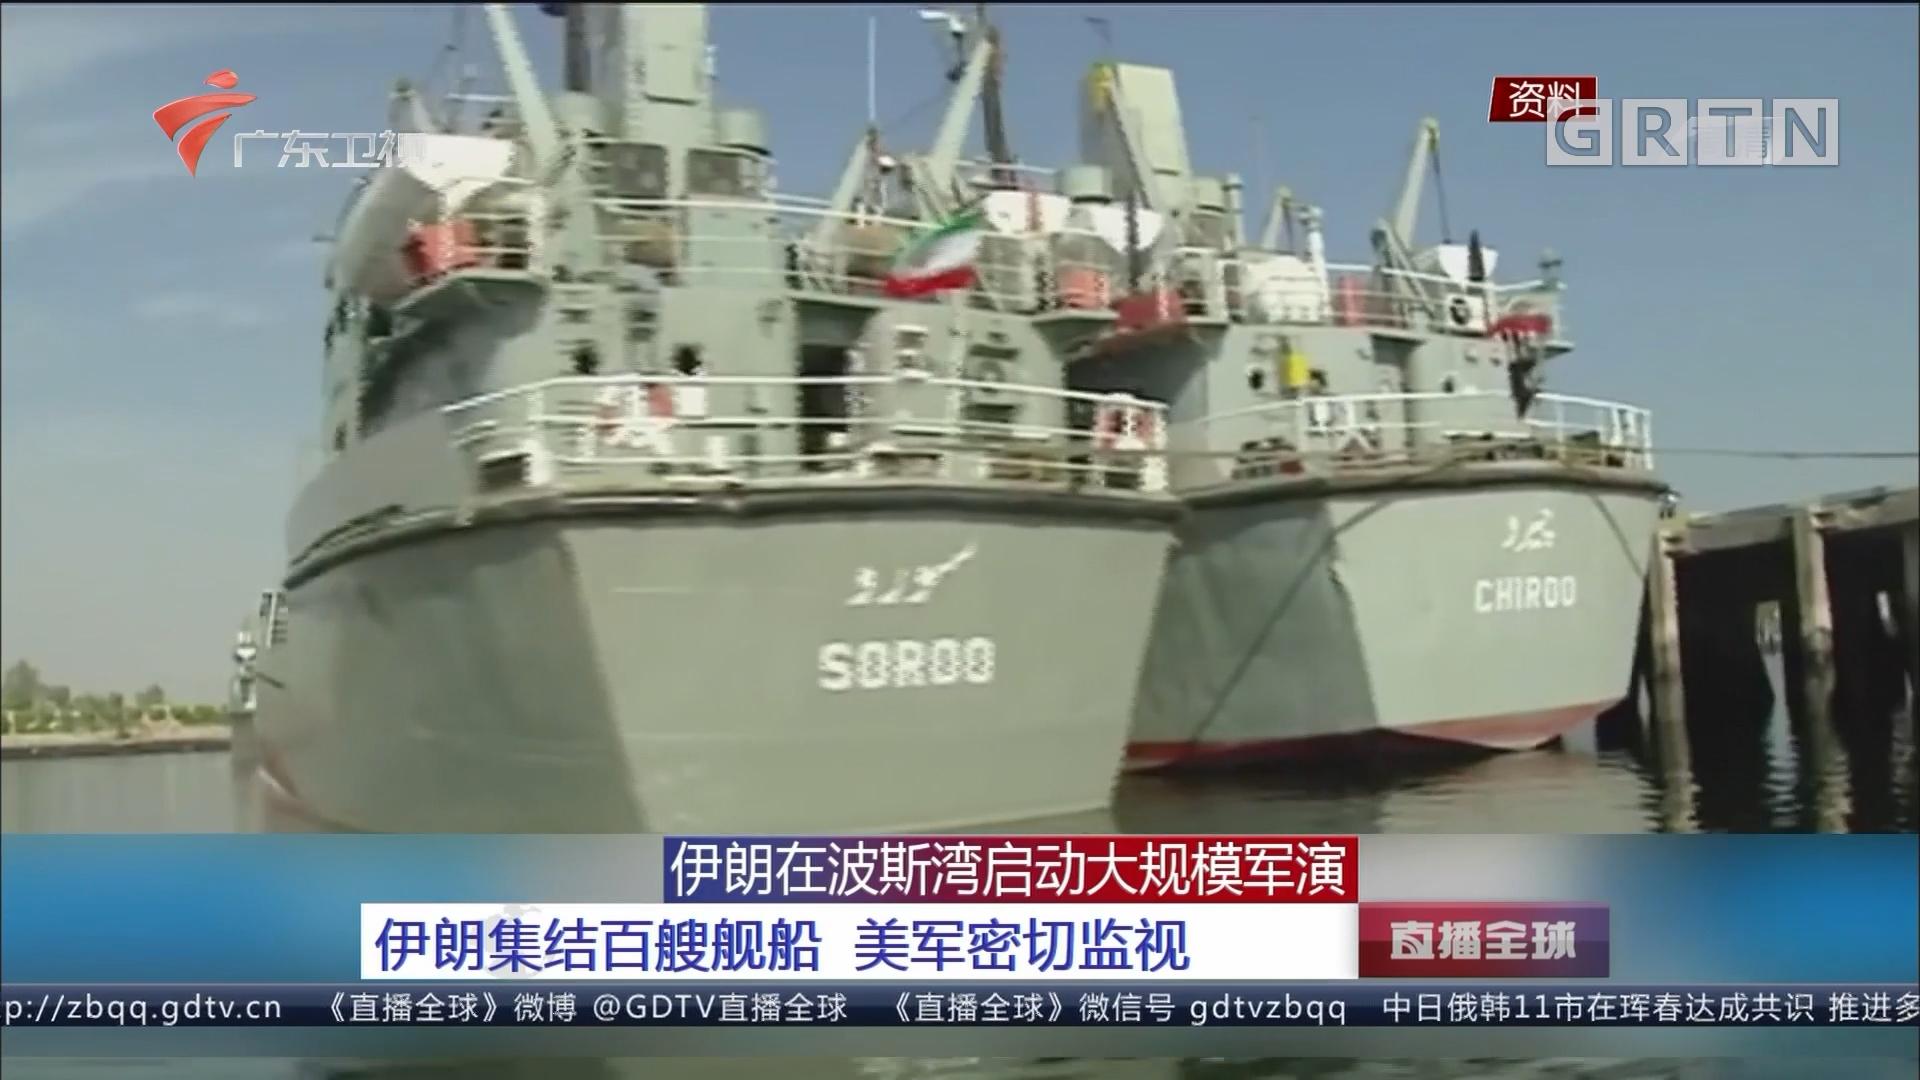 伊朗在波斯湾启动大规模军演:伊朗集结百艘舰船 美军密切监视